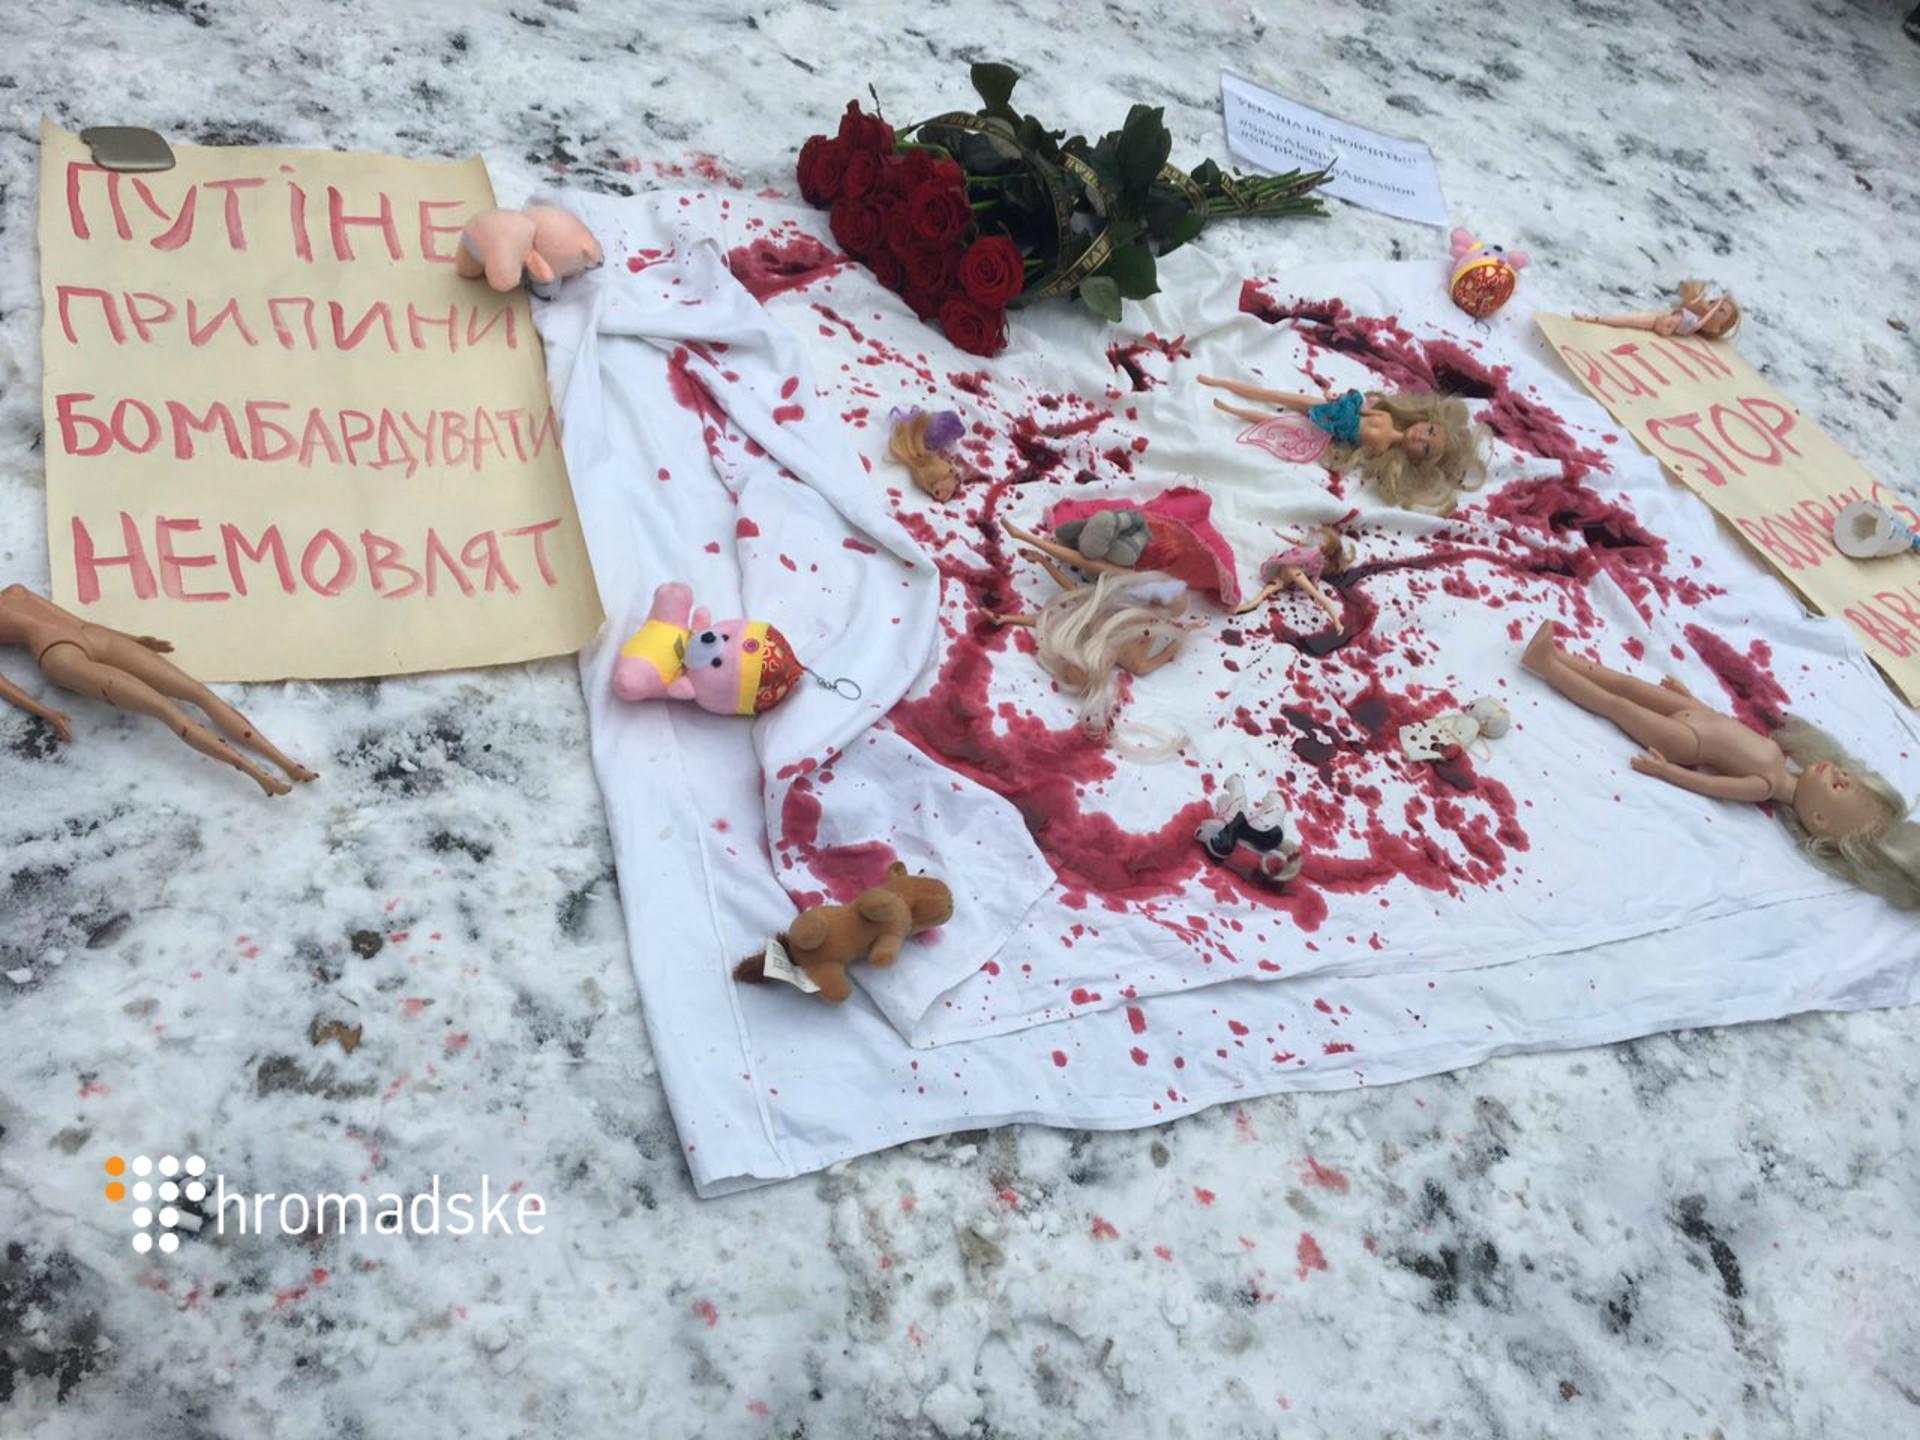 Через бомбардування Сирії під посольство Росії в Києві принесли закривавлені ляльки - фото 2